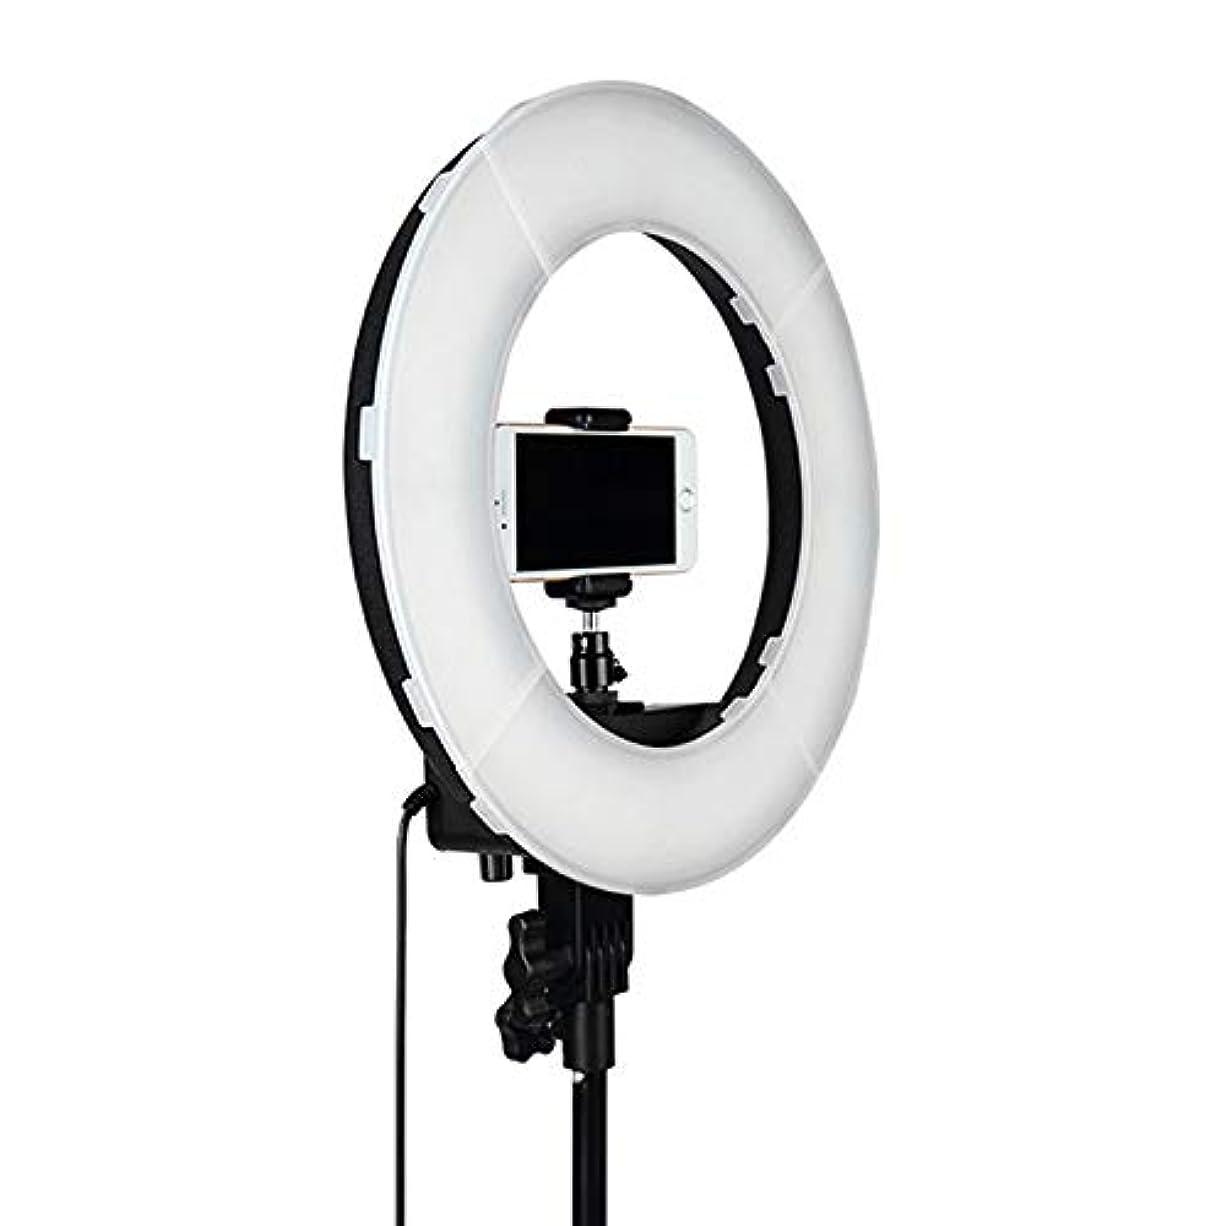 届ける層ブルジョンLEDリング美容ライト、写真撮影ライブセルフタイマーフィルライト、メイクアップ美容携帯電話フィルライト